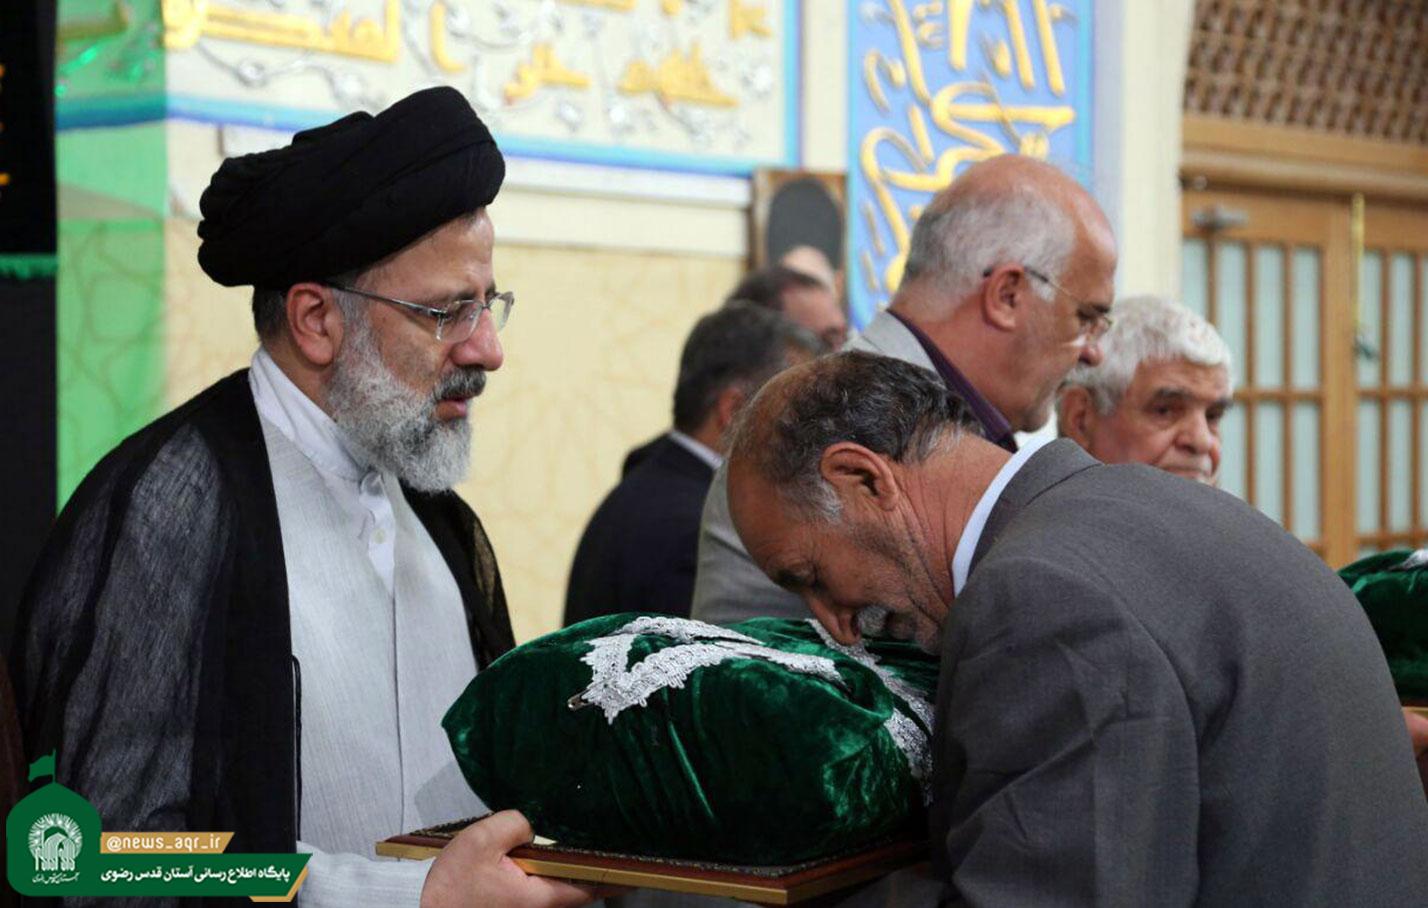 پرچم حرم مطهر امام رضا (ع) به ۵۰۰ هیئت مذهبی اهدامی شود